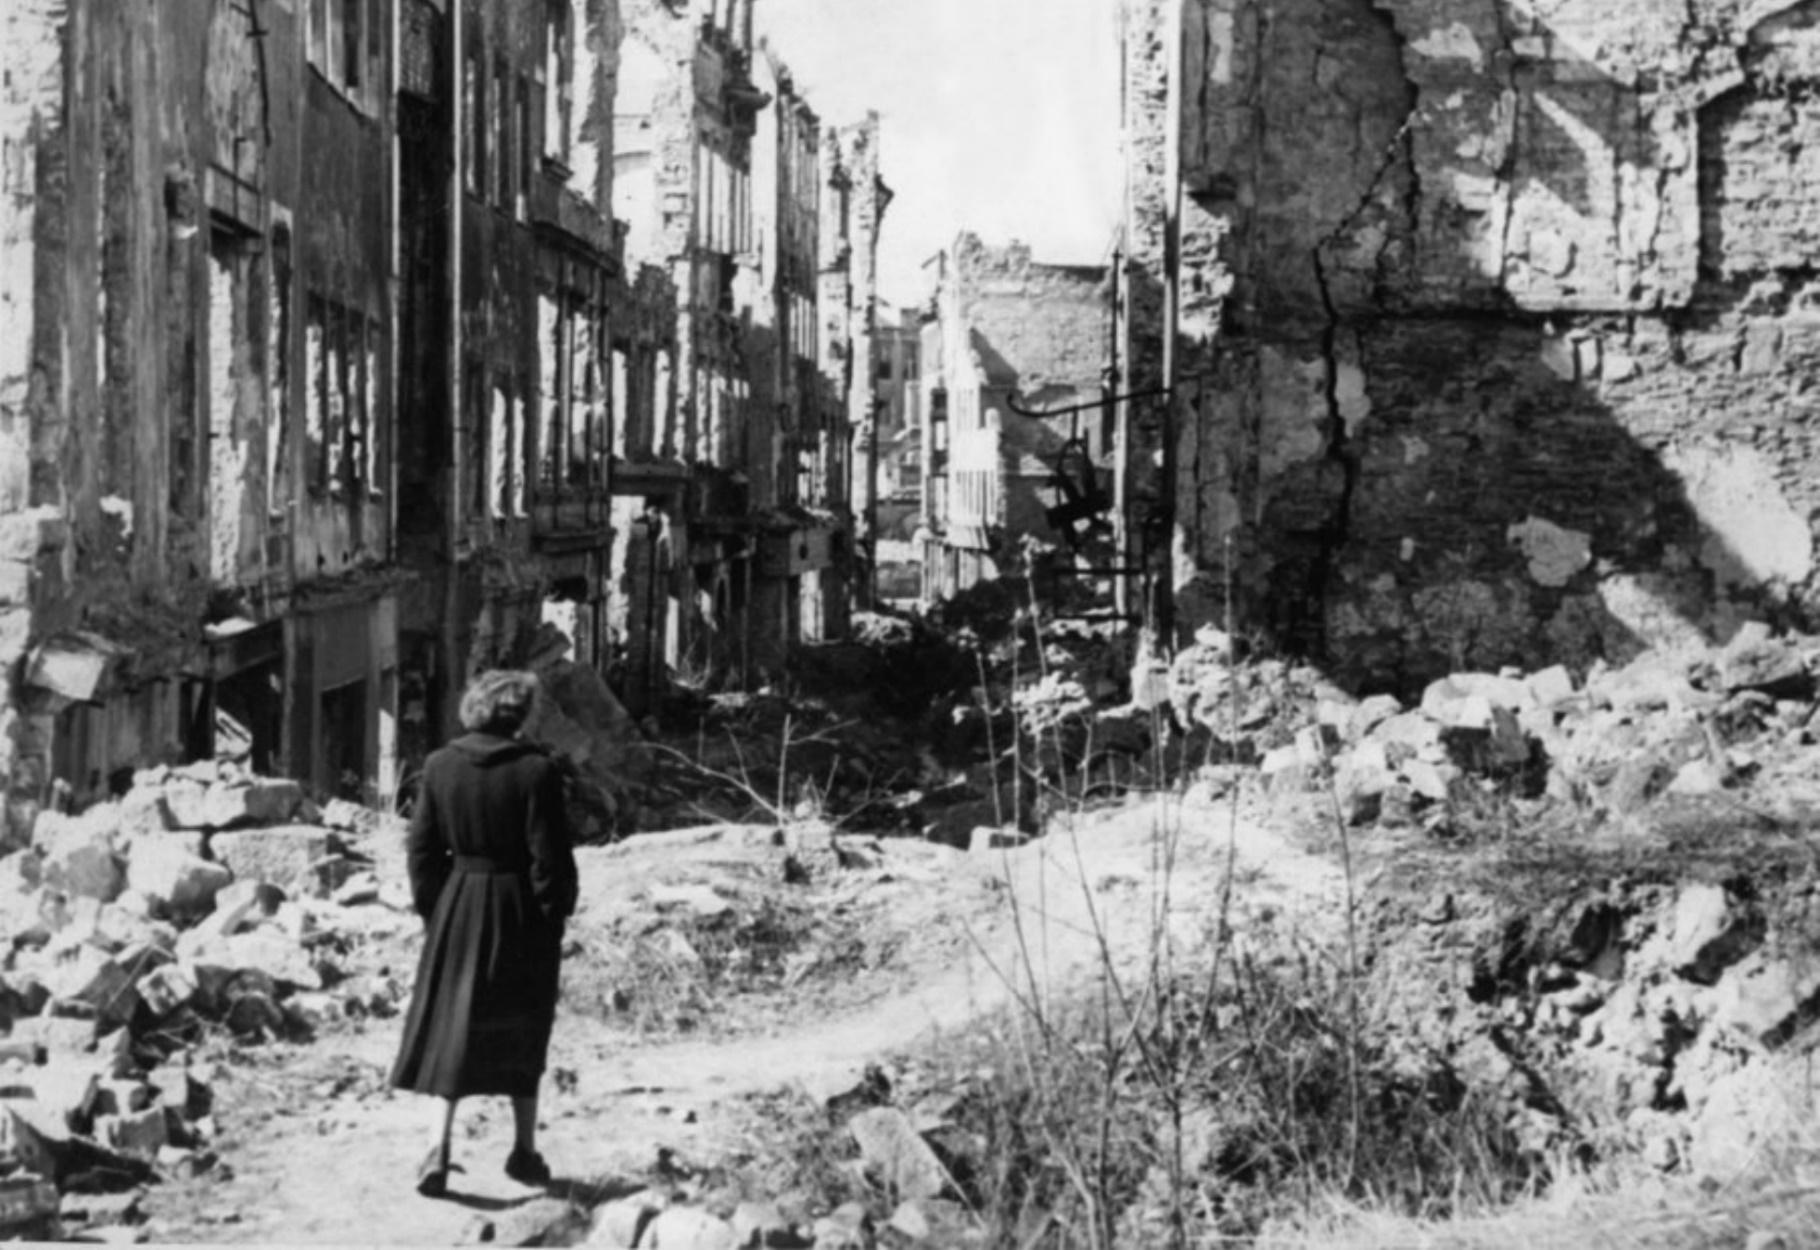 Μία σταγόνα ιστορία: Ο βομβαρδισμός της Κολωνίας